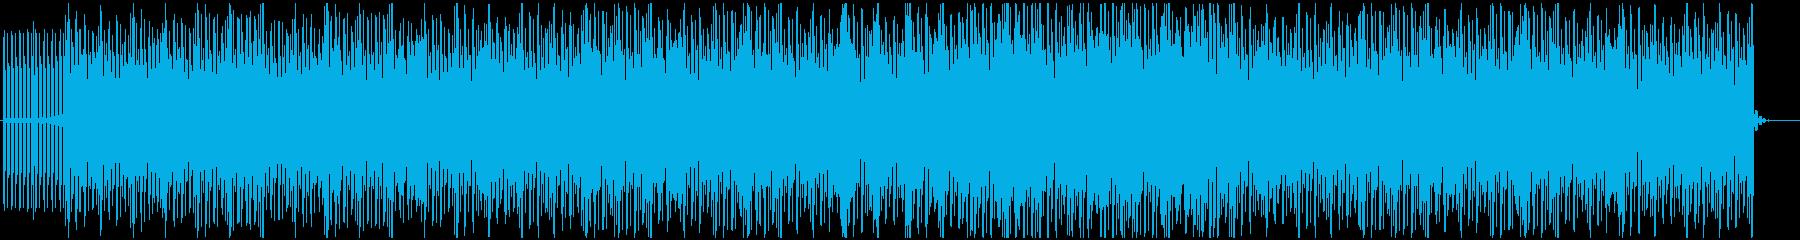 フワフワした浮遊感のディスコ調ポップスの再生済みの波形